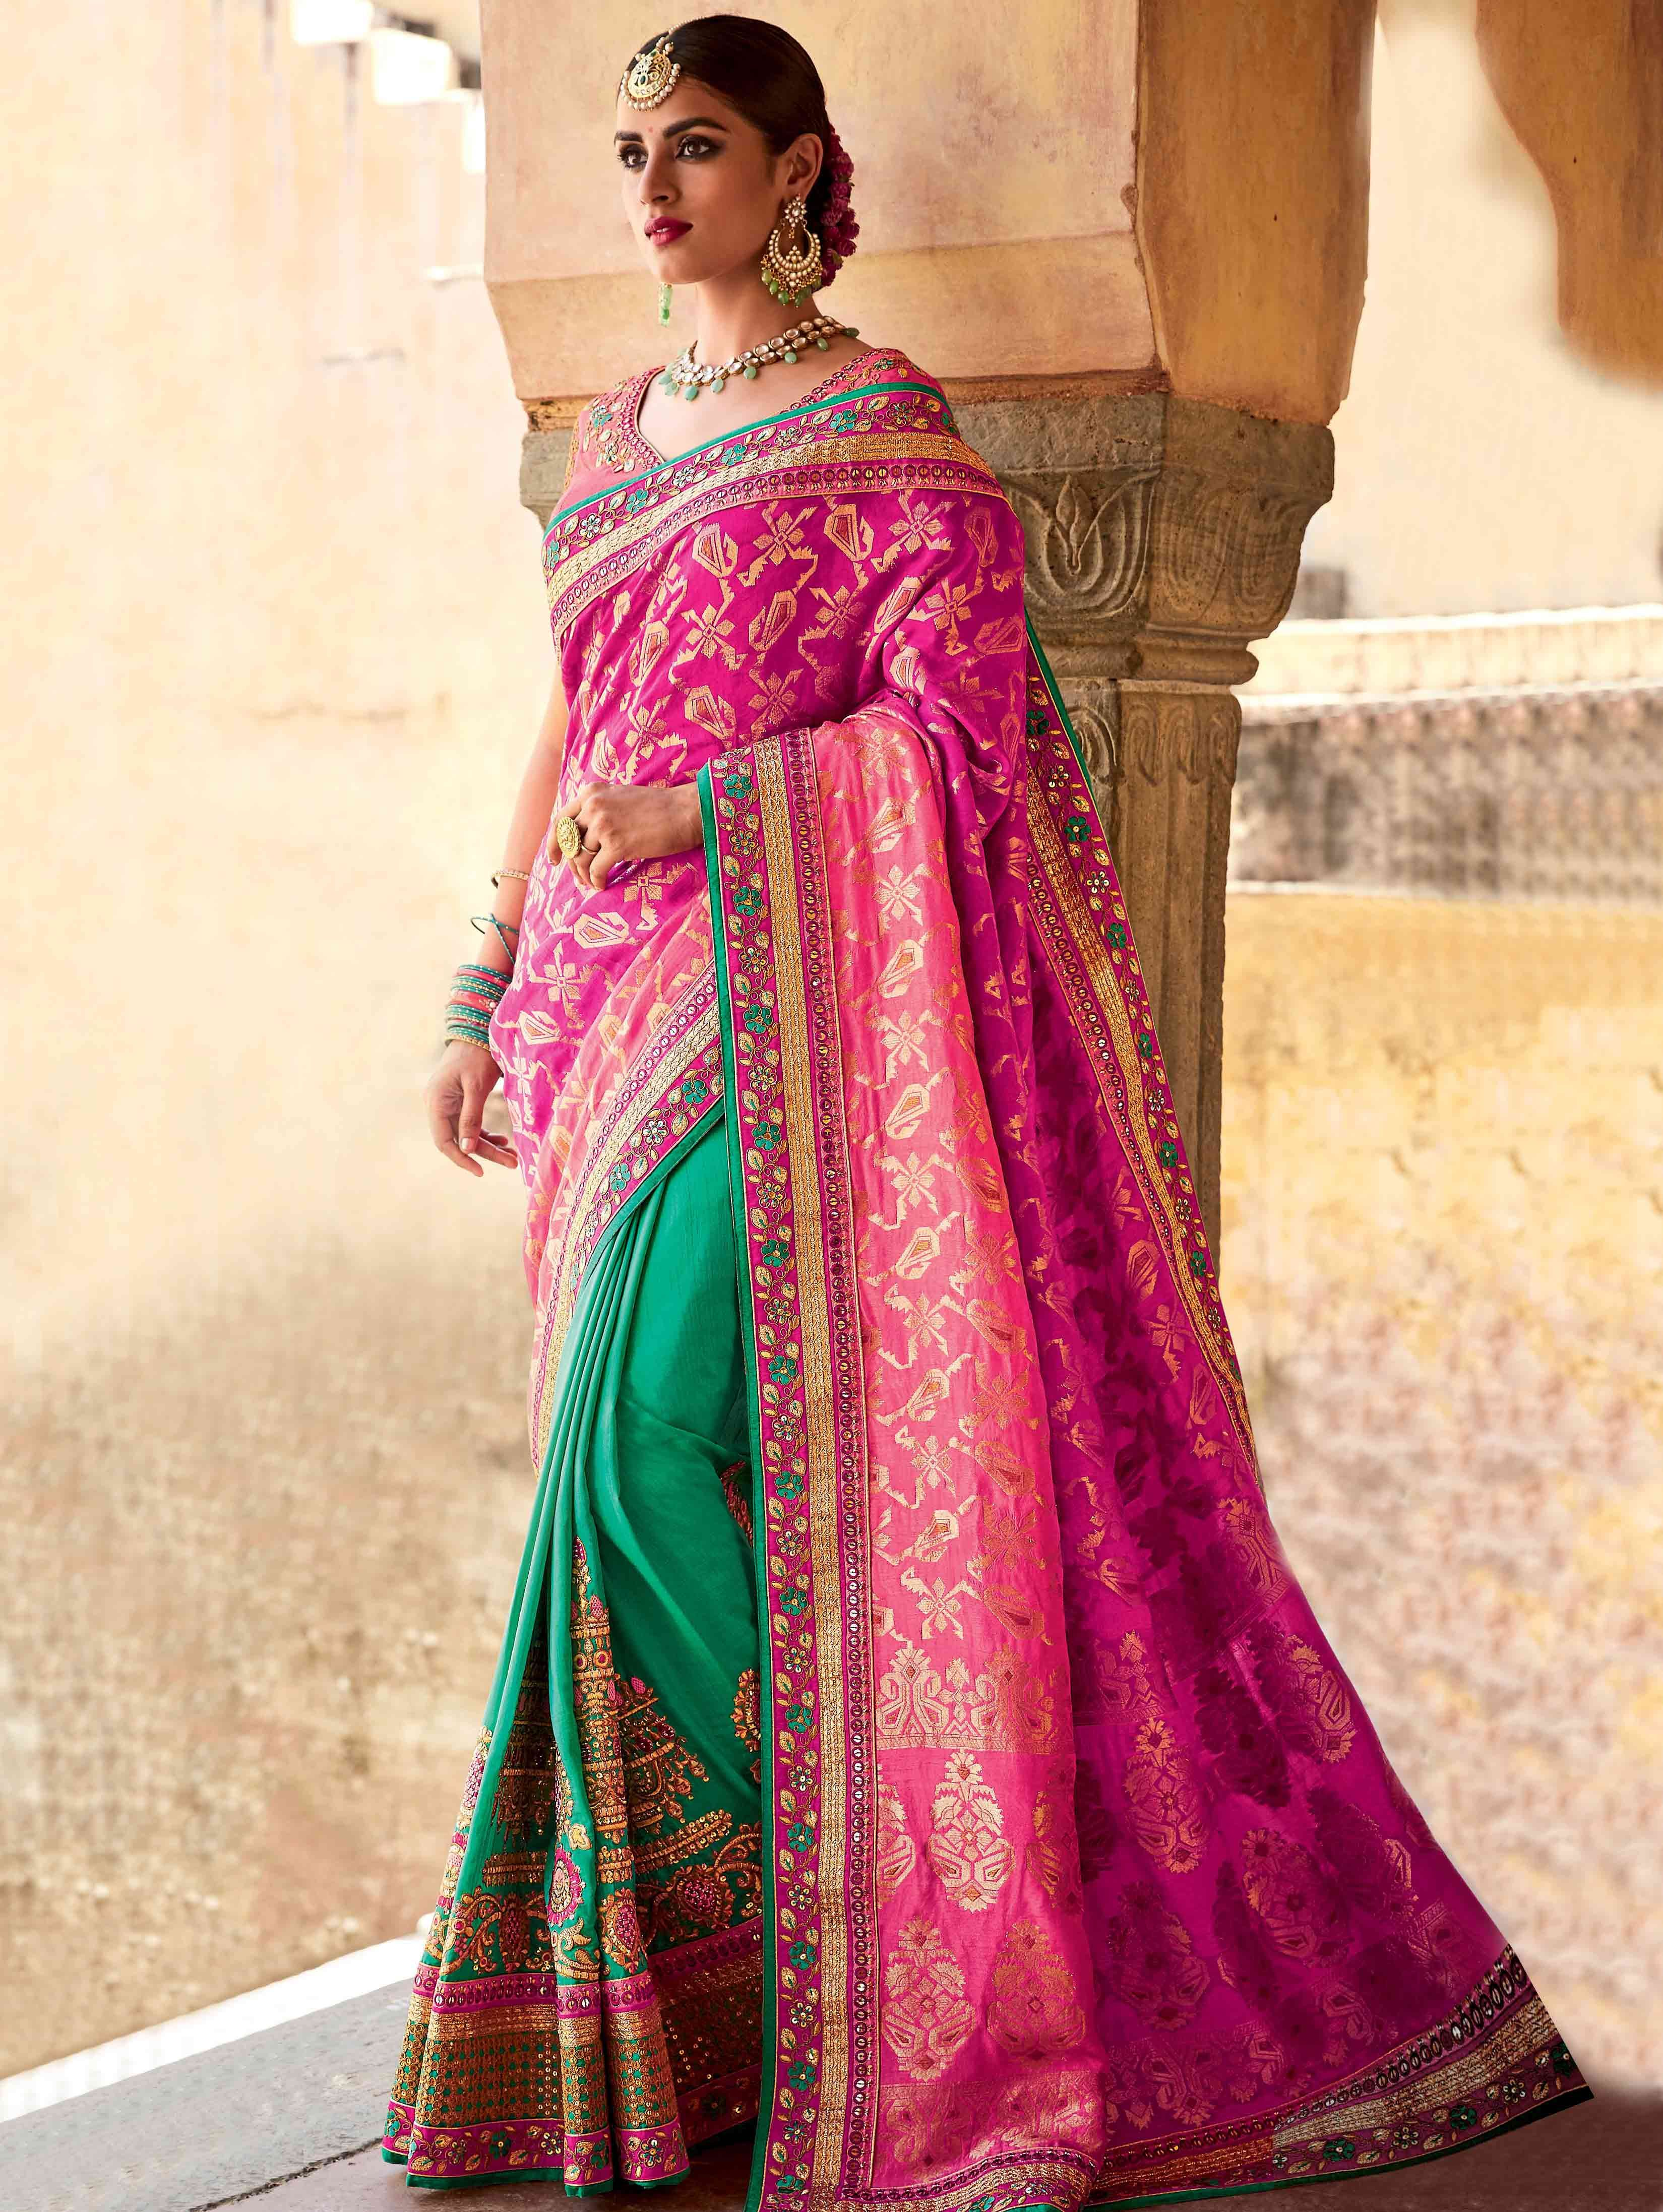 4a02540380b573 Asopalav's Indian Wear Online store for Sarees, Salwar Kameez Suits,  Lehenga Choli, Wedding Outfits and Bridal Saris.